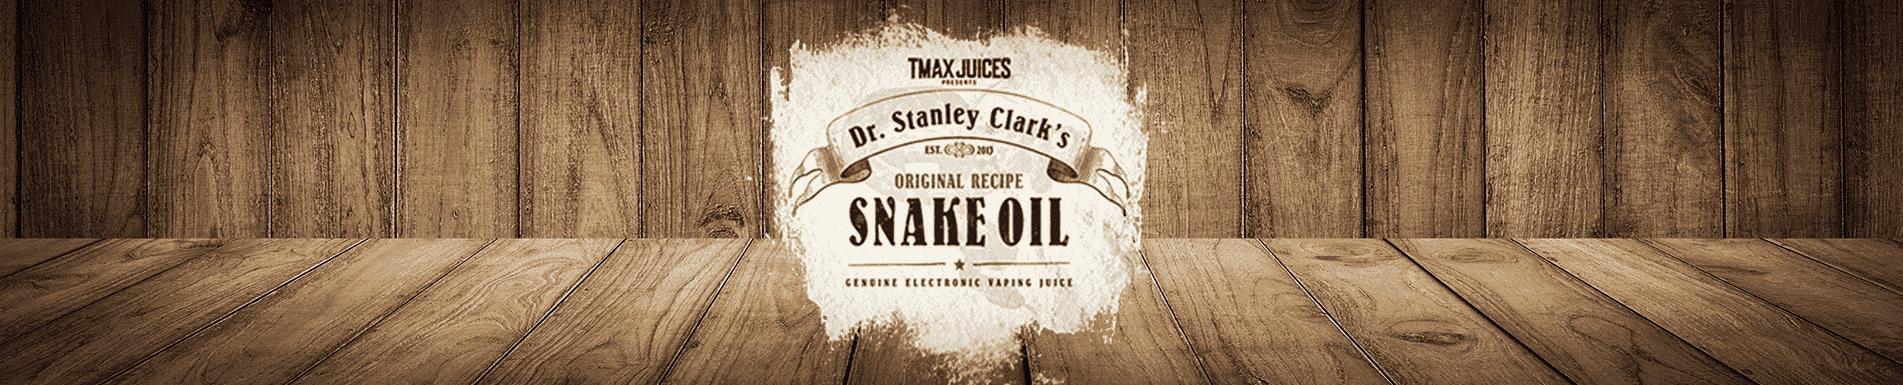 e liquide snake oil